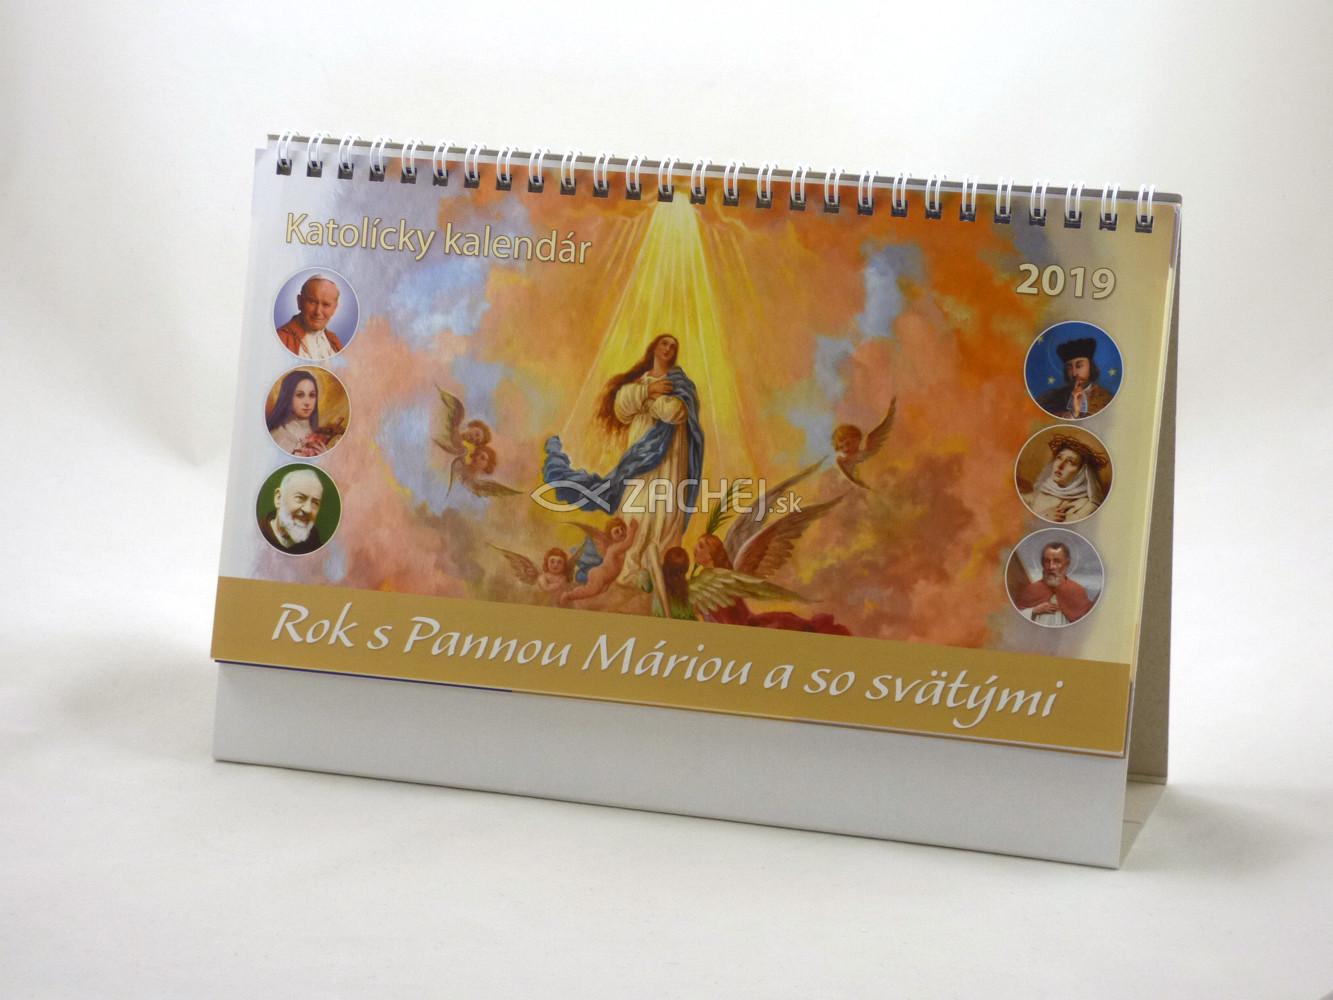 Kalendár: katolícky, stolový - 2019 - Rok s Pannou Máriou a so svätými